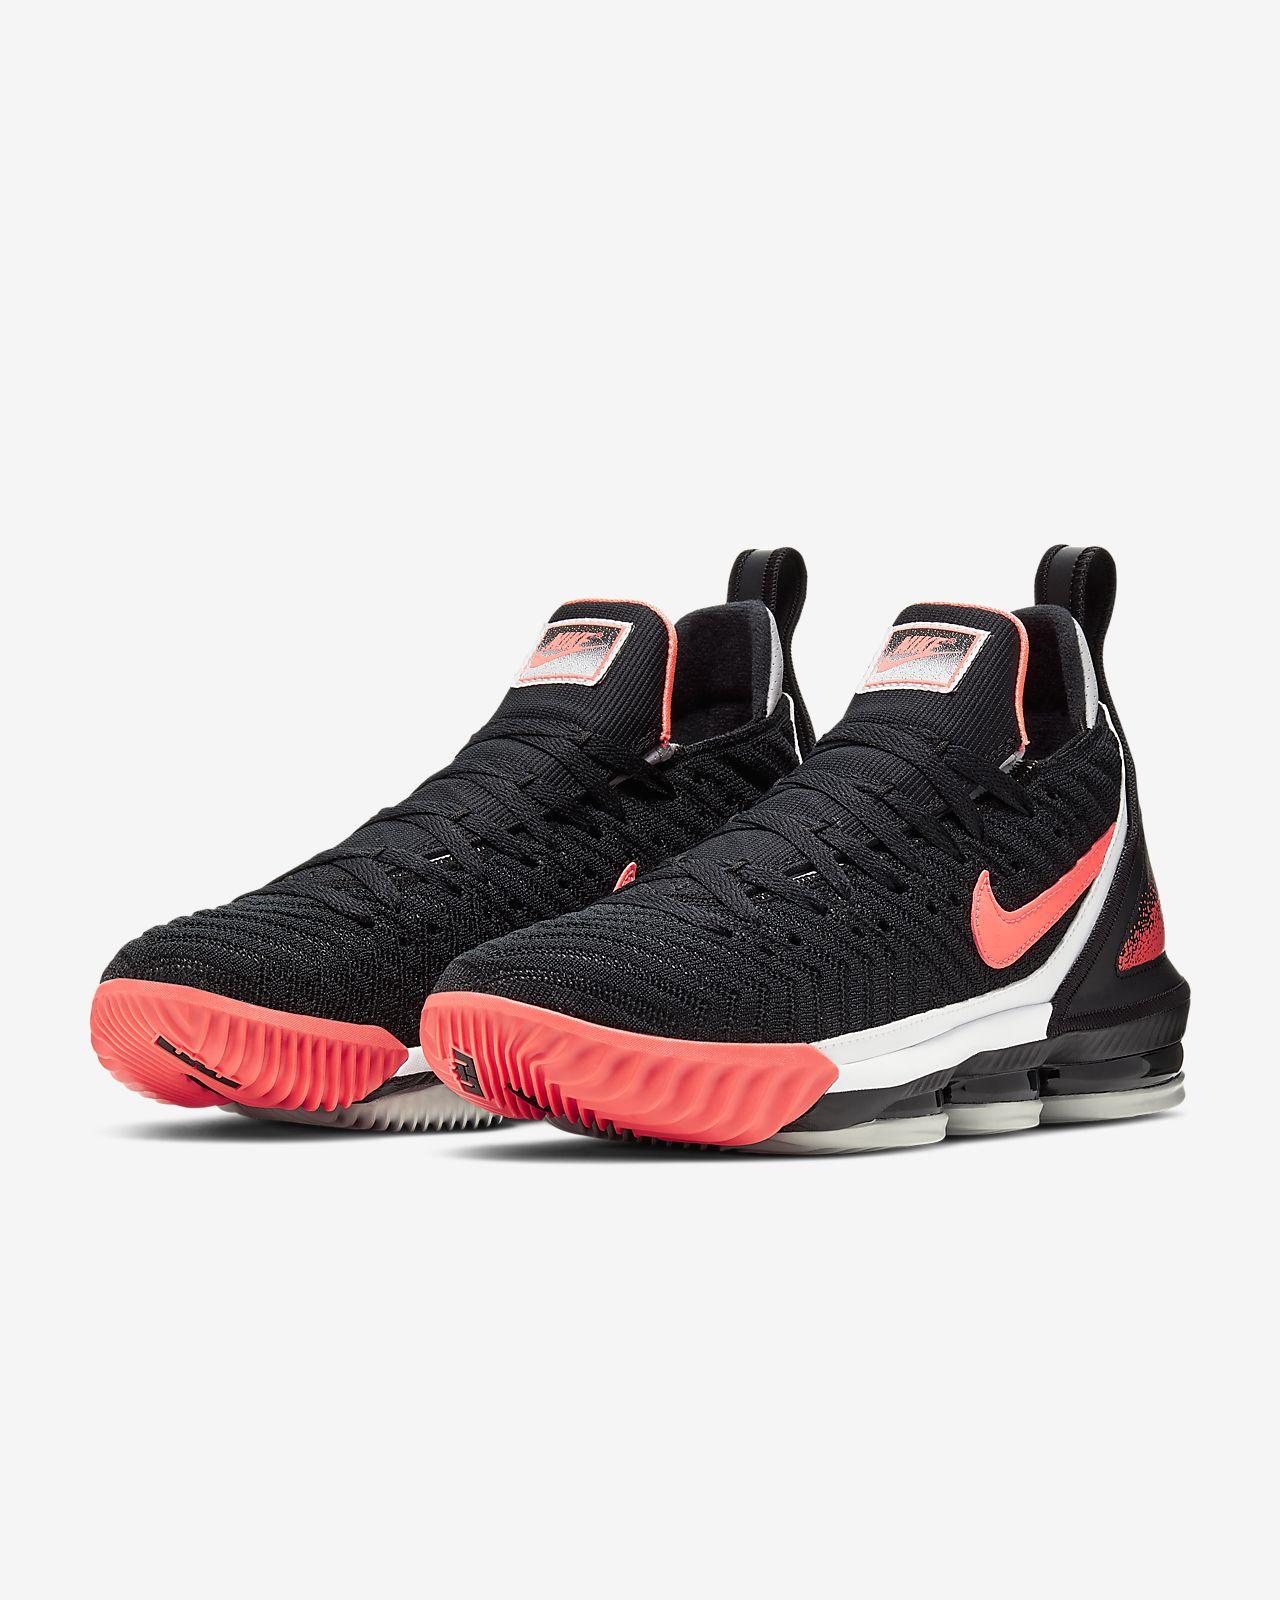 54048d2578be2 LeBron XVI Hot Lava Shoe